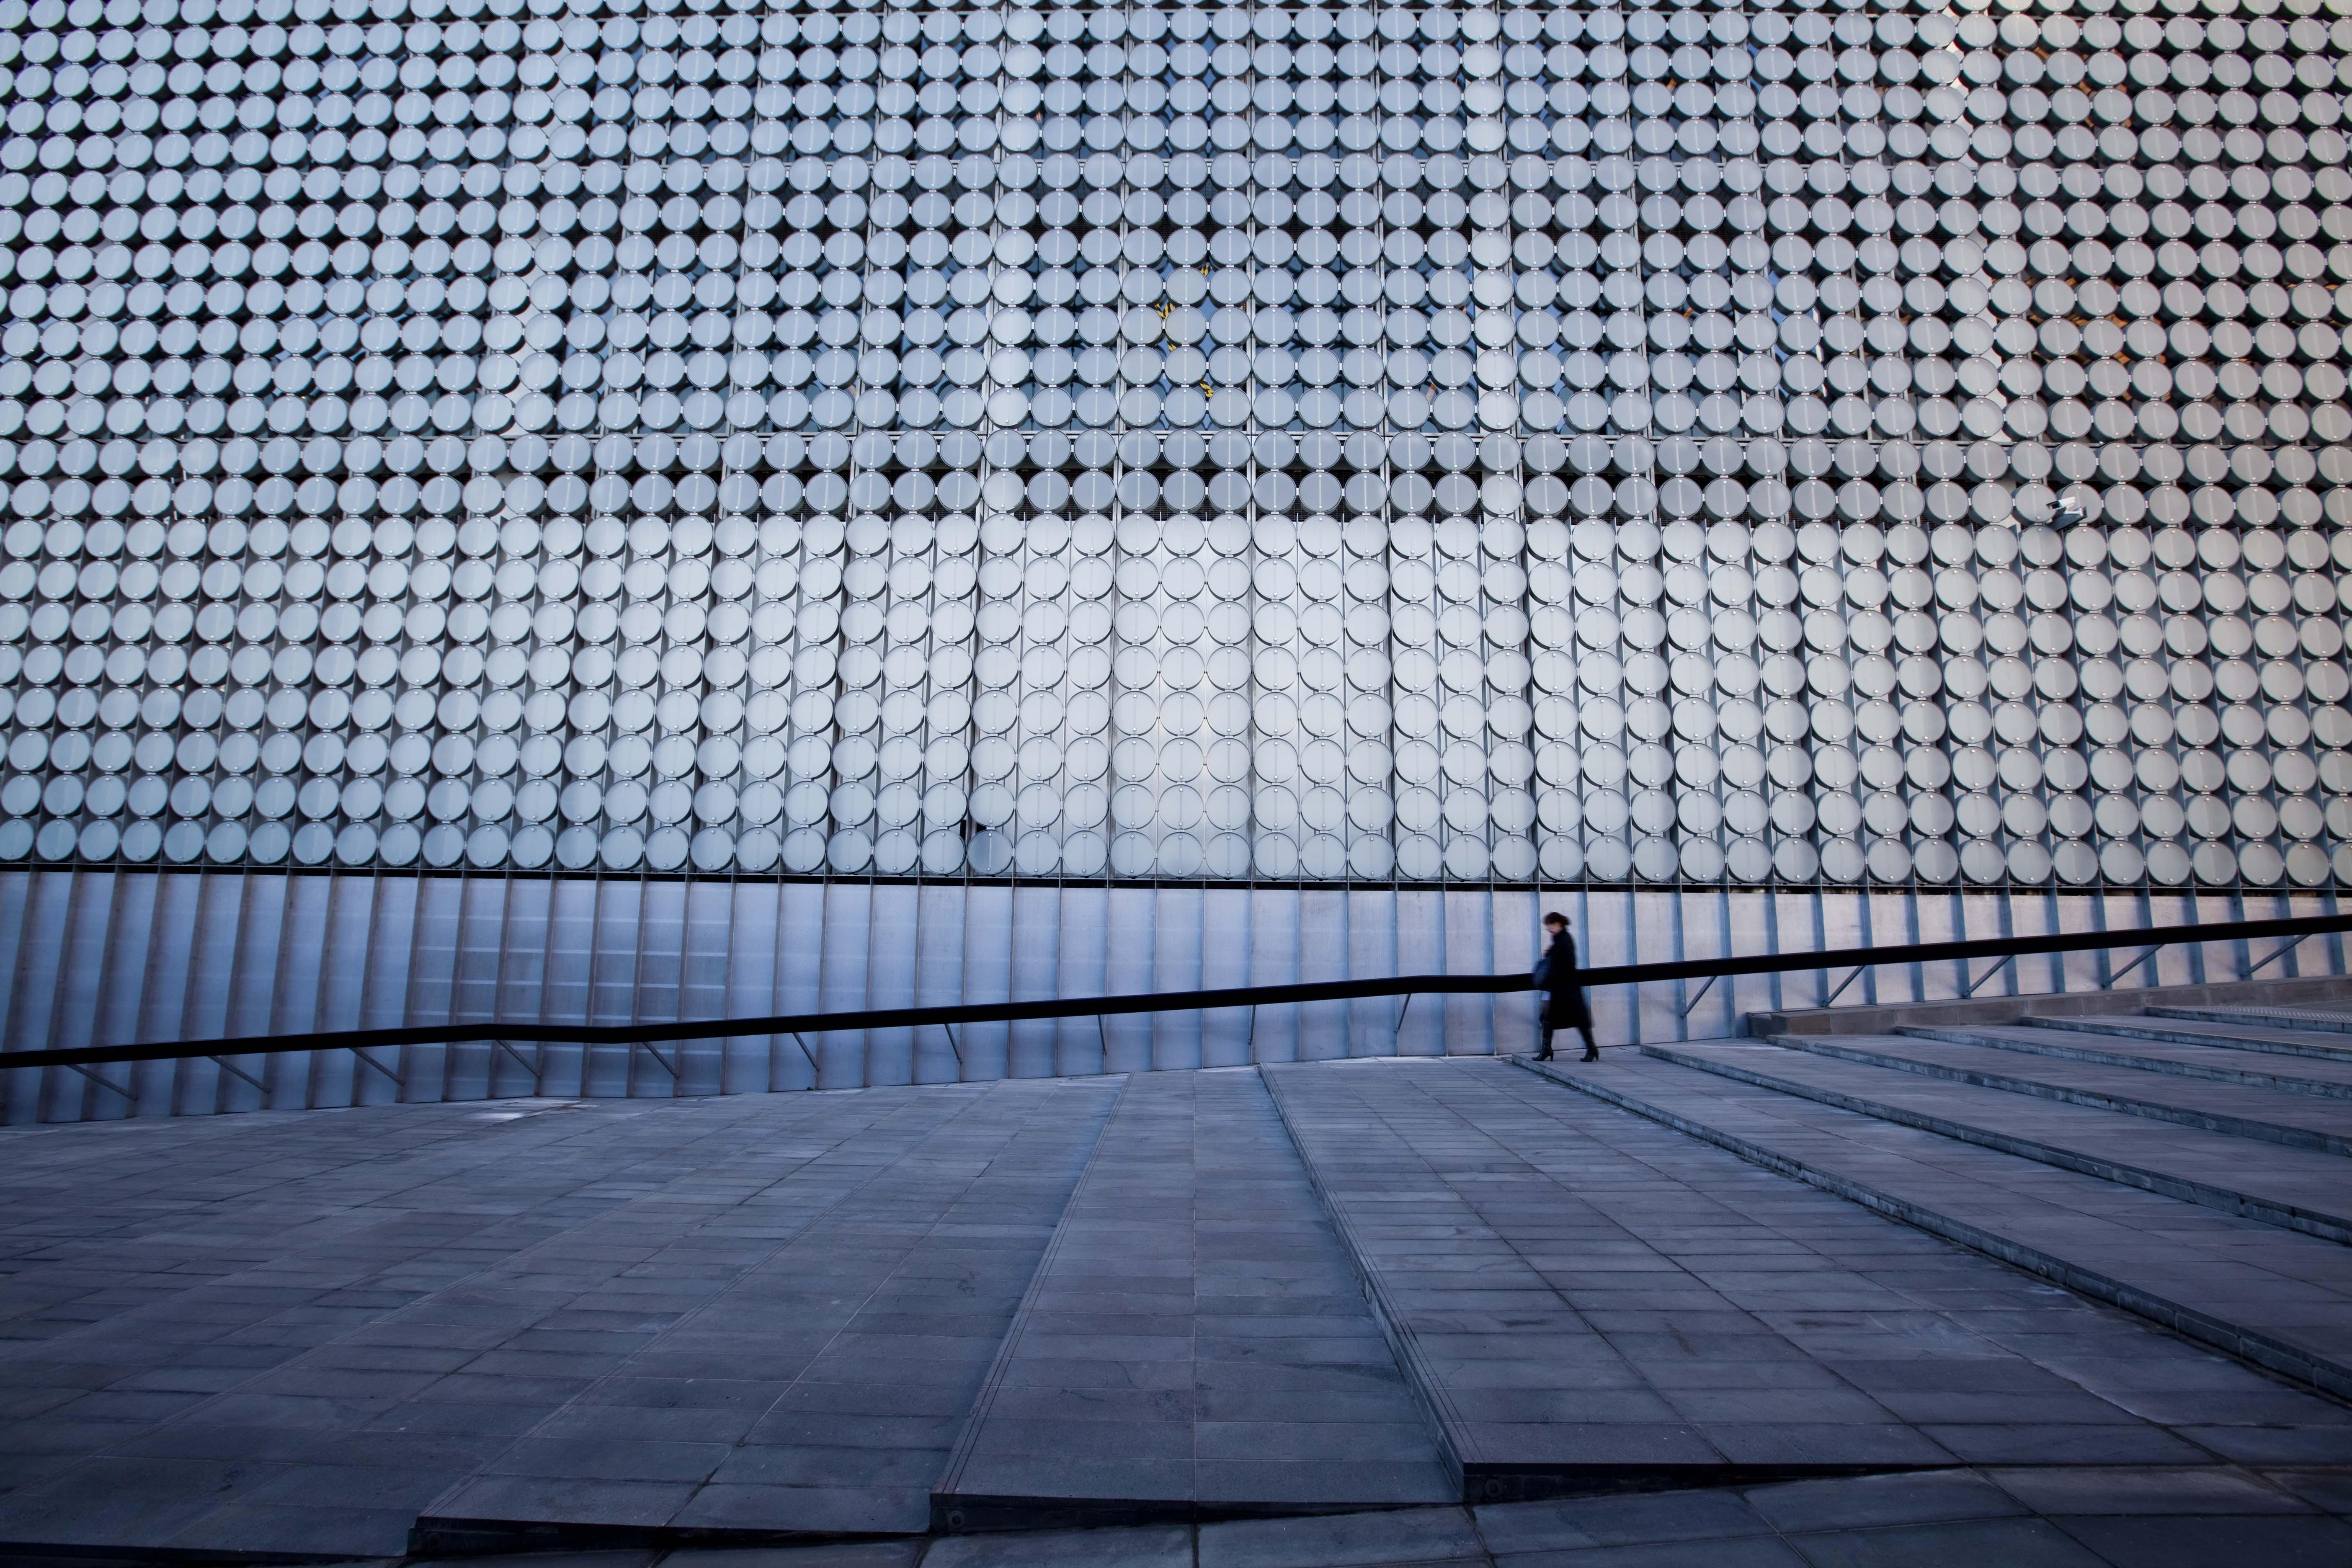 Immagini belle : a passeggio leggero architettura luce del sole